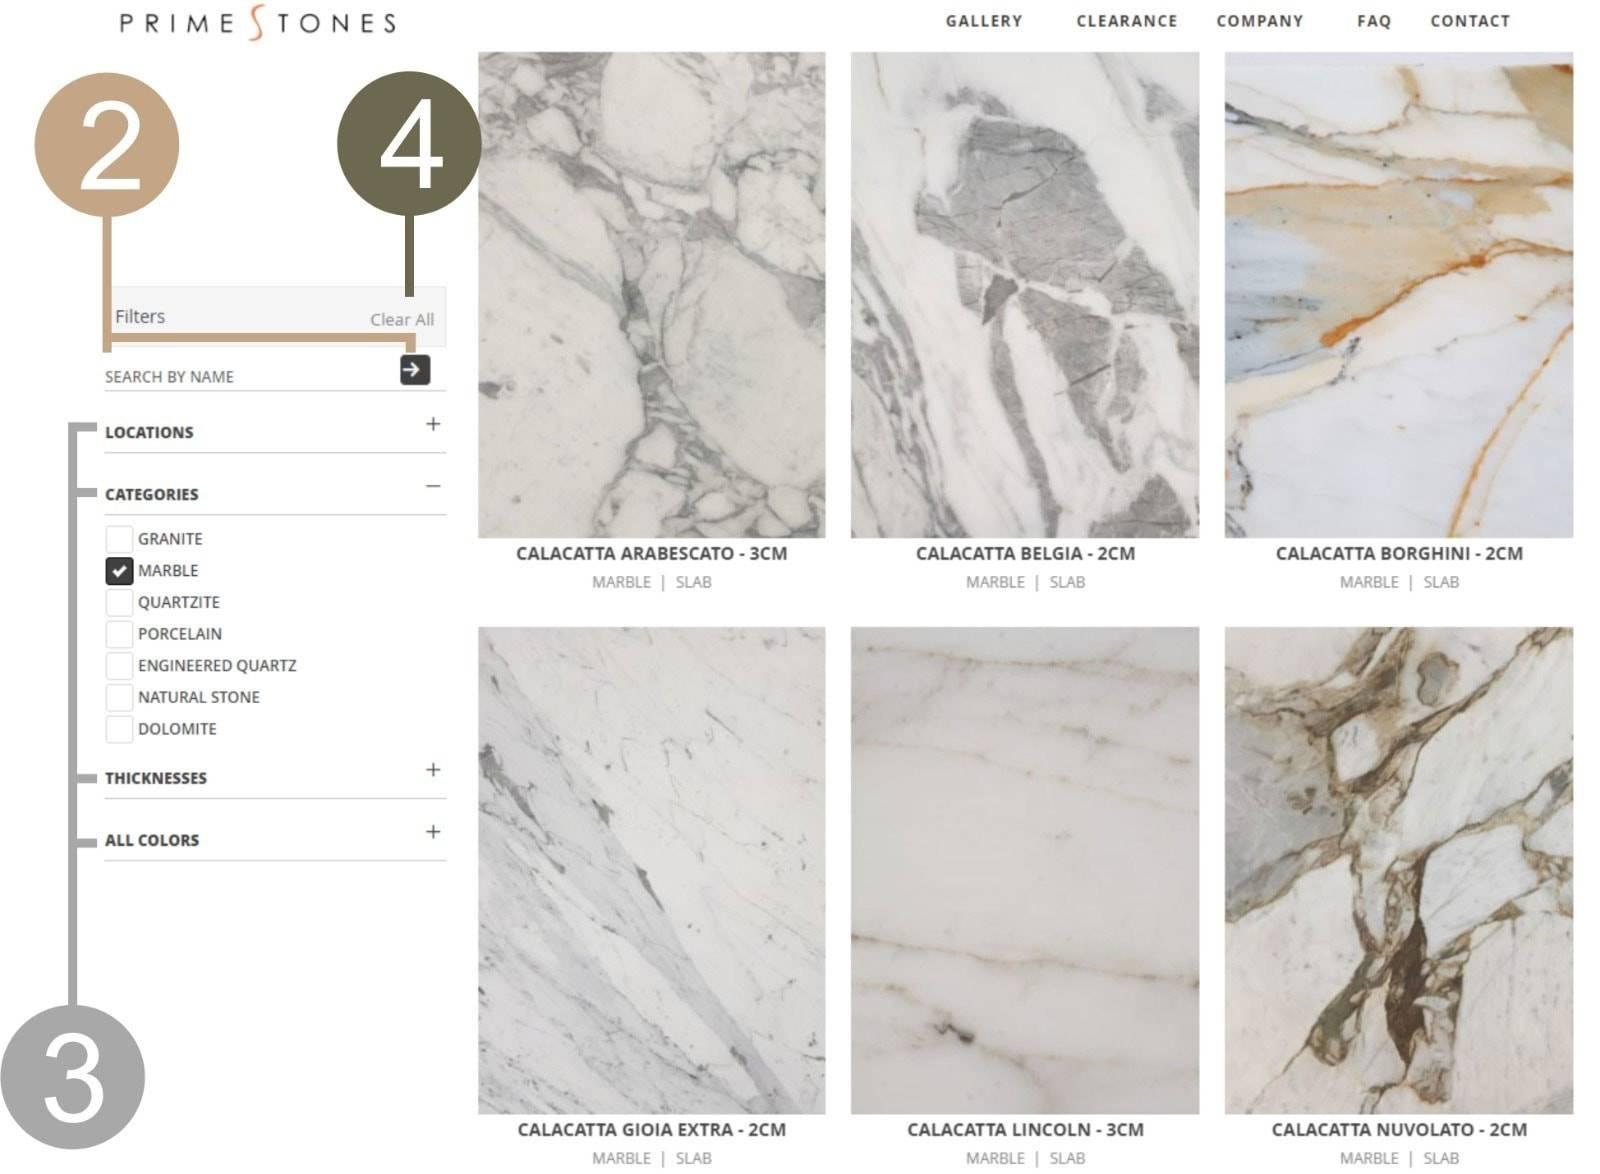 Phold, Primestones® Granite, Quartz, Marble